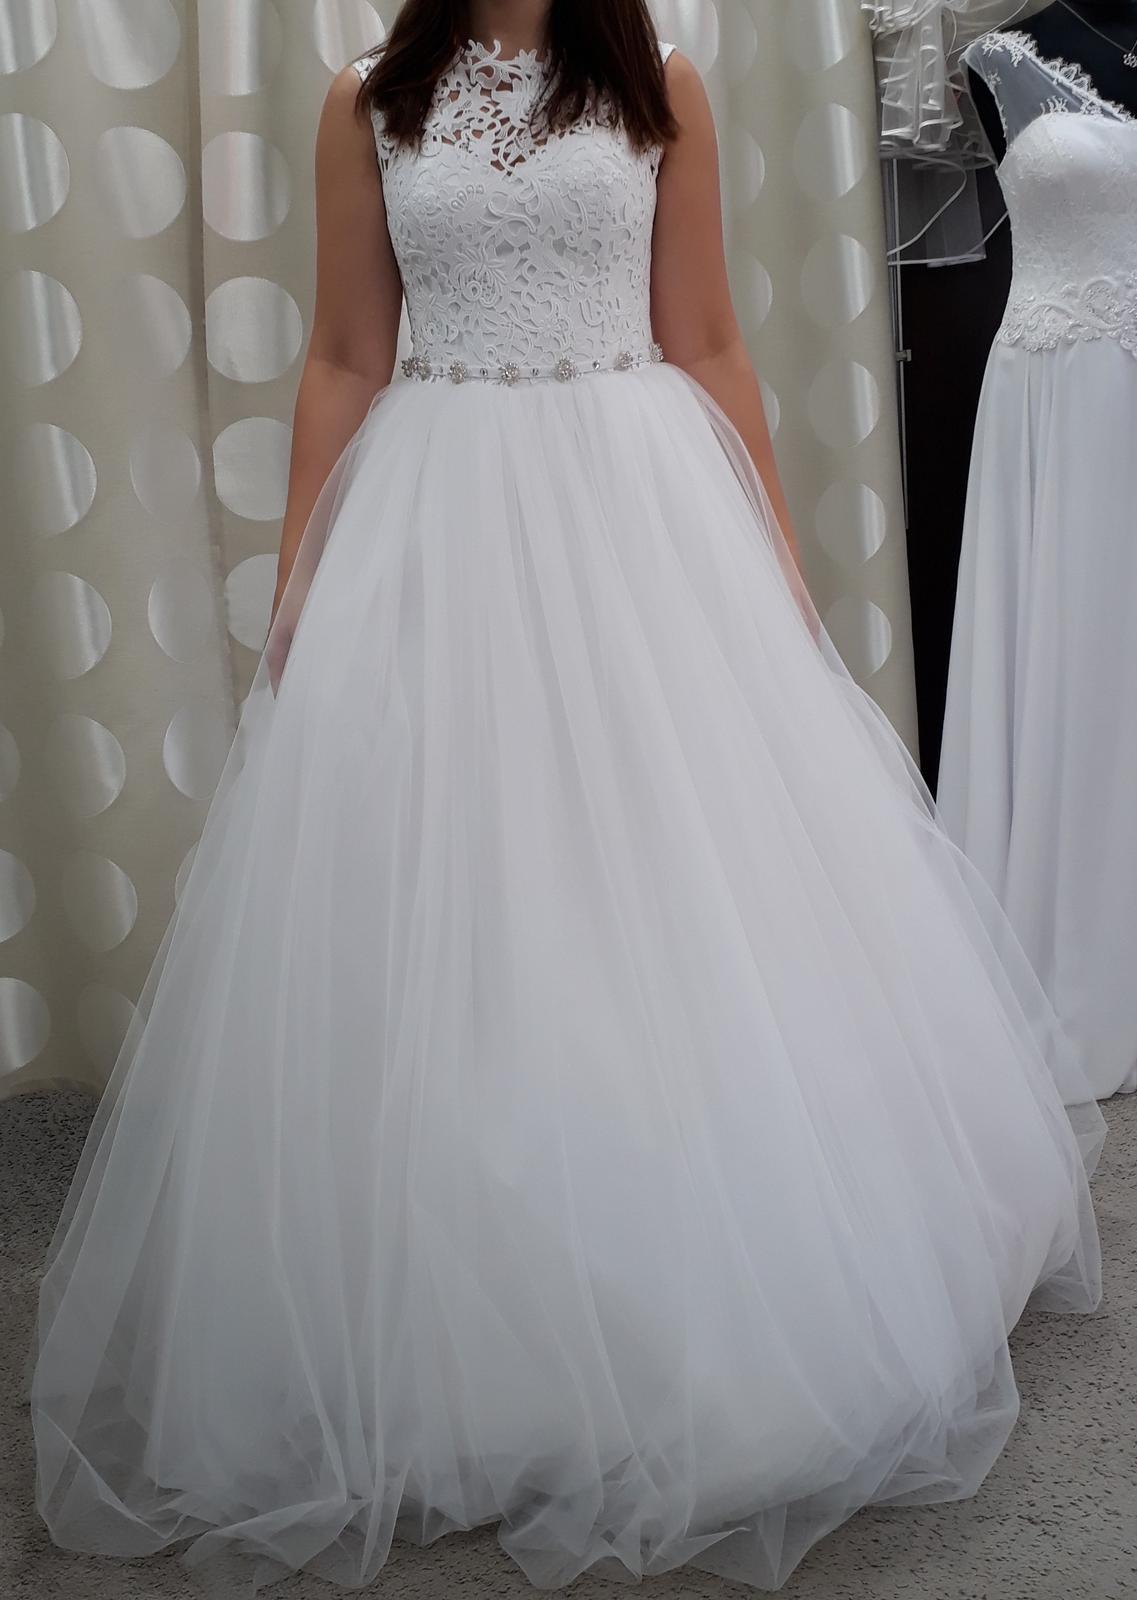 Krajkové svatební šaty, bílé, vel. 36-38 - Obrázek č. 1